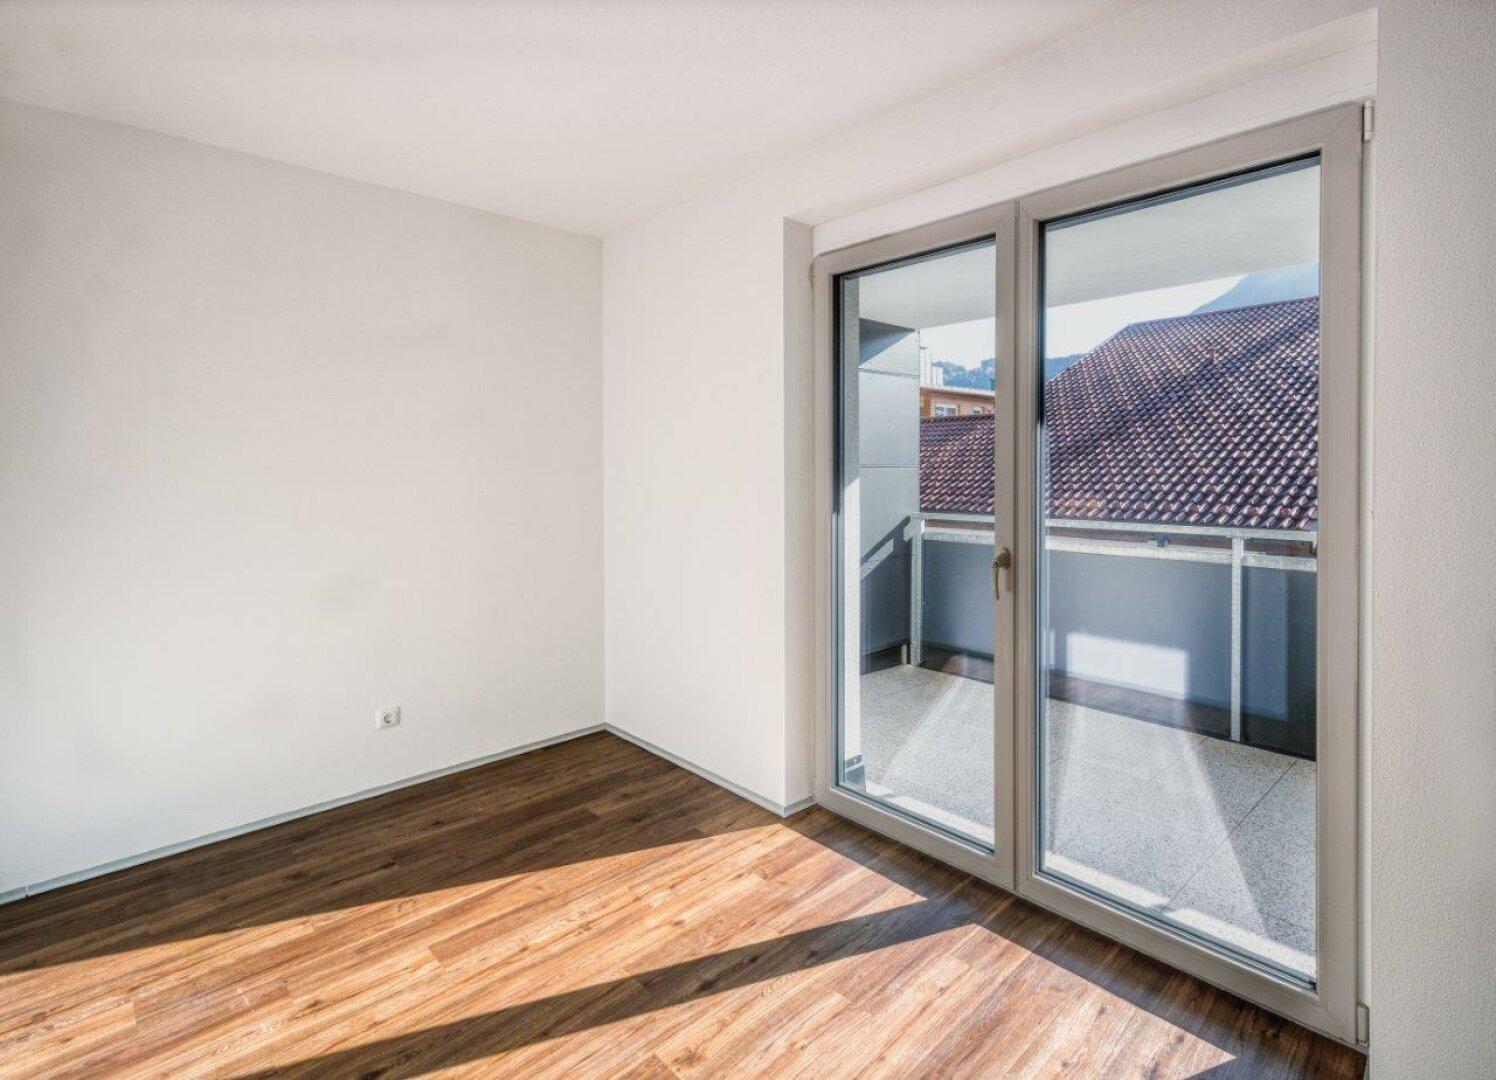 Zimmer mit Balkon, 4-Zimmer Maisonette Wohnung, Schwoich